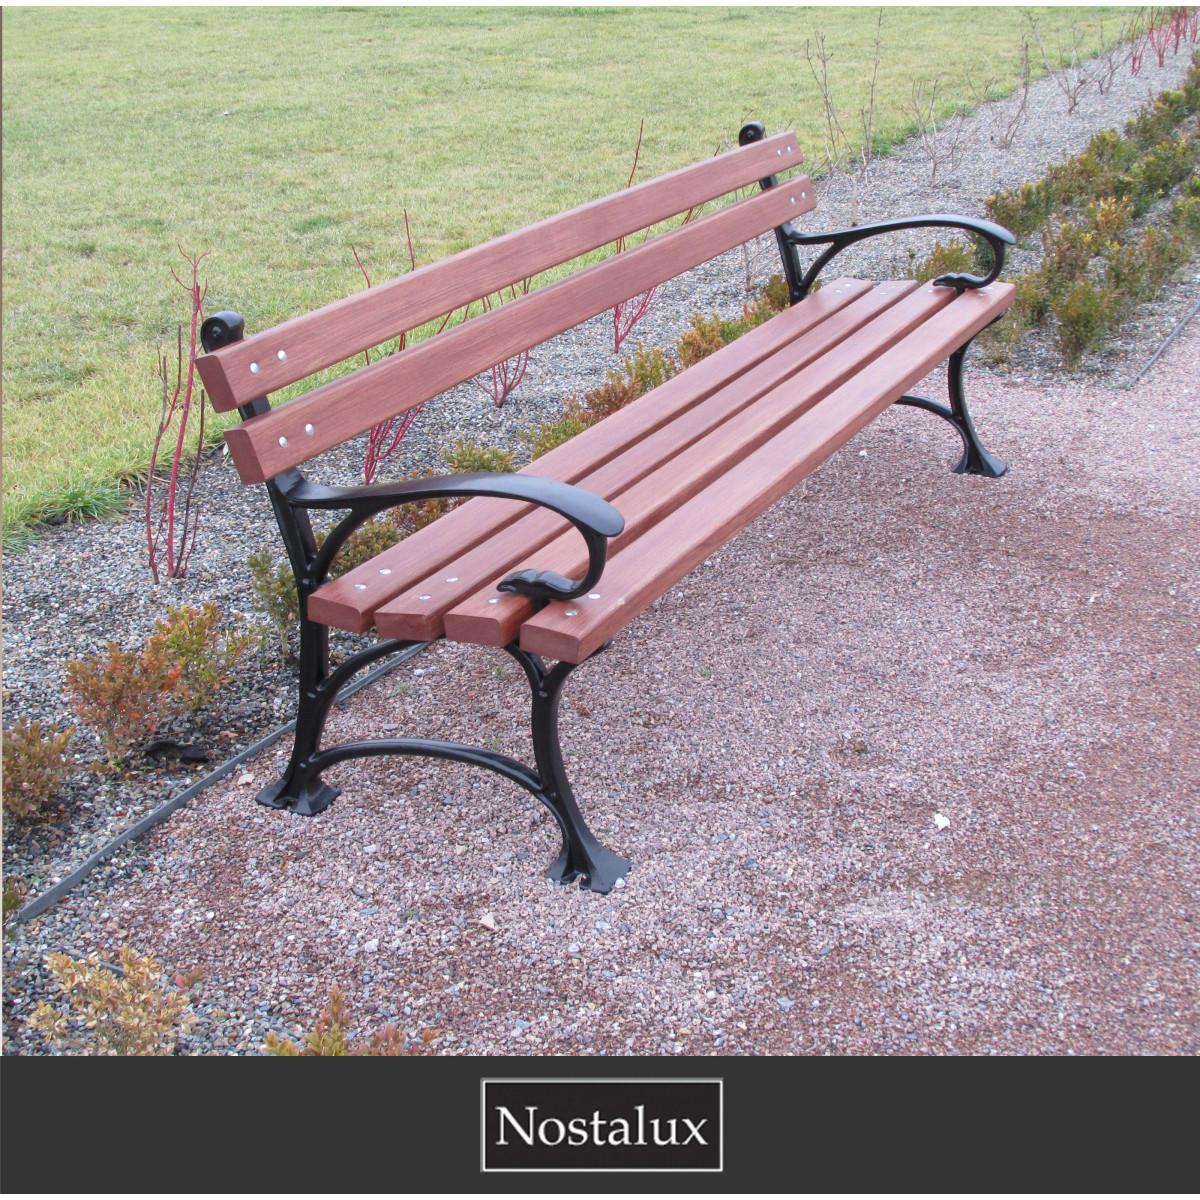 Klassieke robuuste parkbank (1330) - Nostalux - Tuinmeubelen